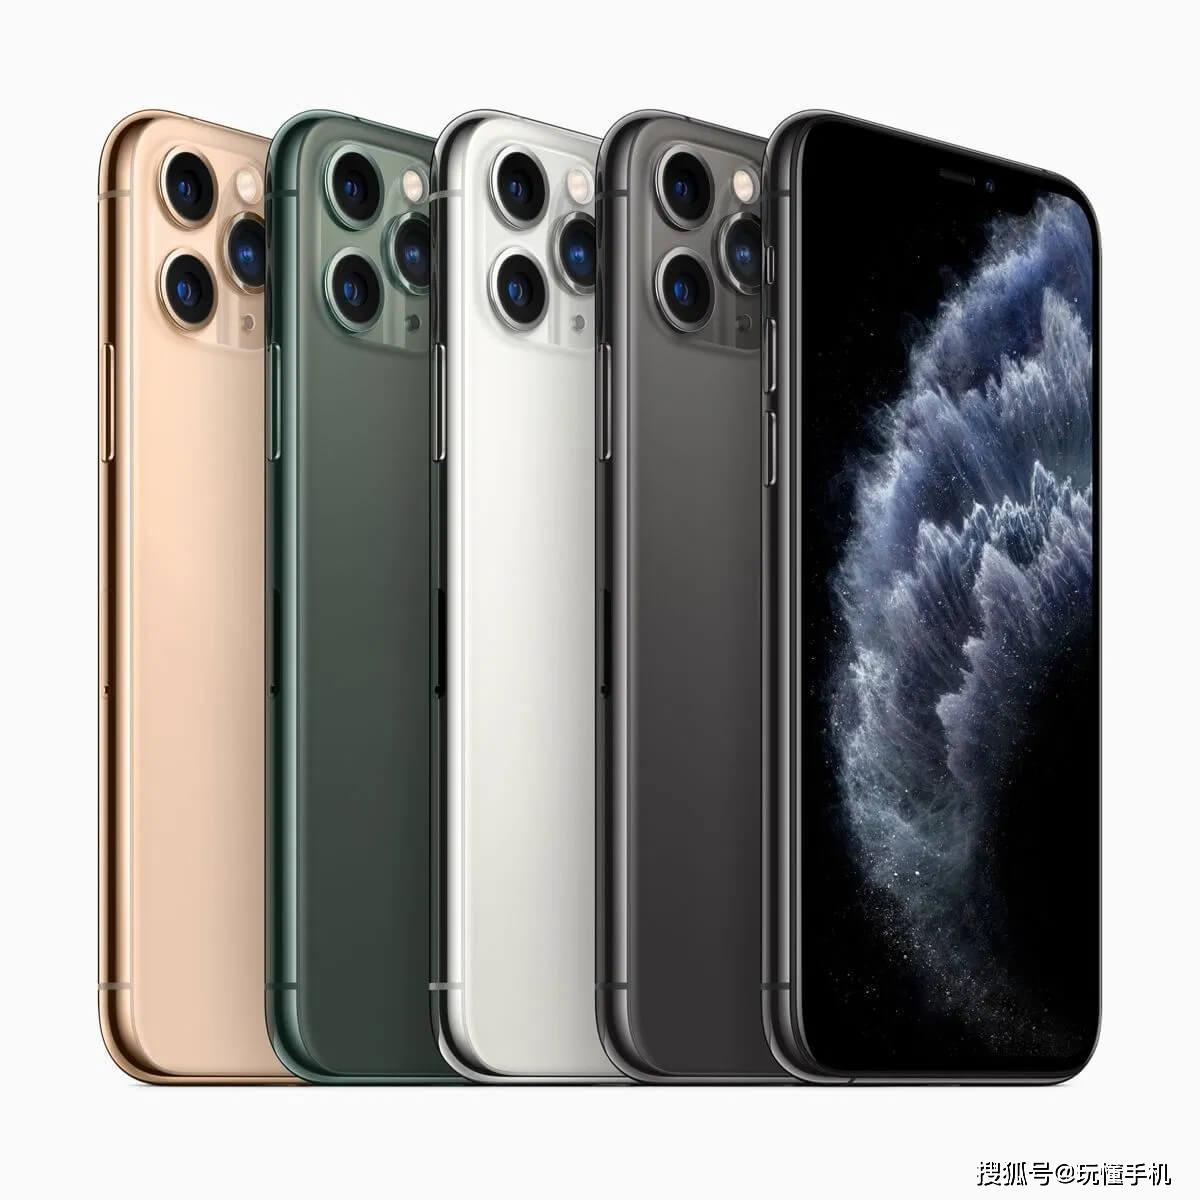 蘋果iPhone 12系列四種型號規格均已公開